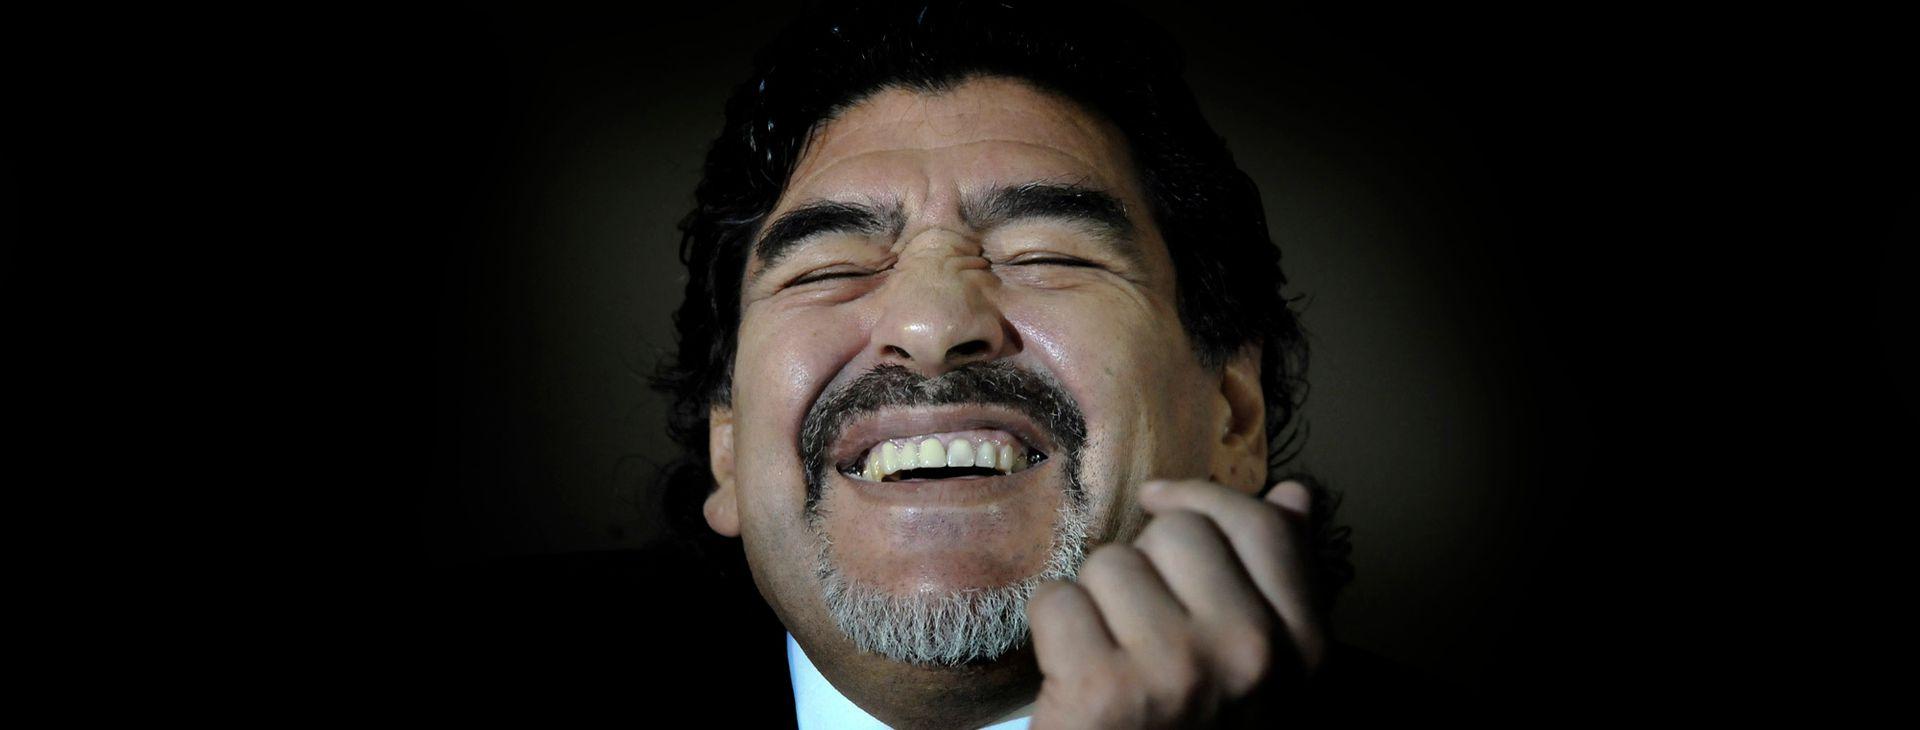 Otro gesto característico de Maradona, un buen momento